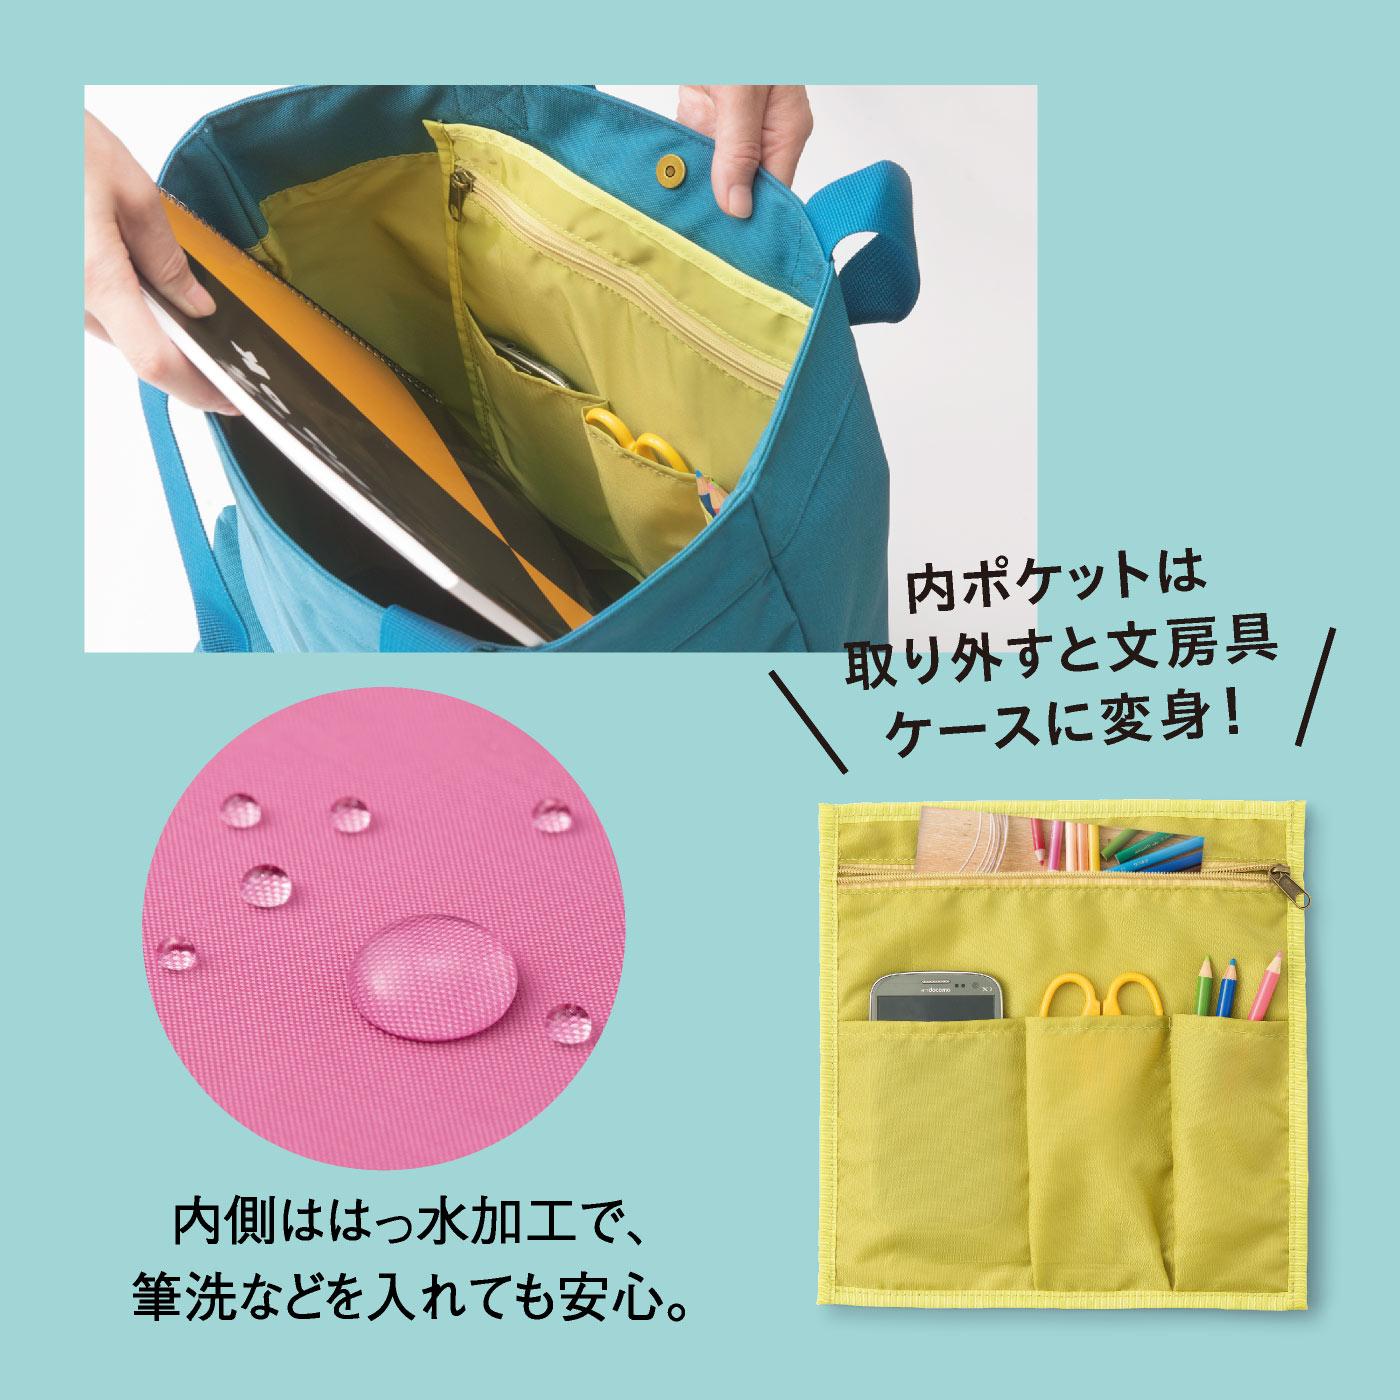 はっ水加工をほどこした内側には小物類の収納に便利なポケット付き。取り外せるので、文房具ケースとしても使えます。A5サイズのノートもすっぽり、筆洗なども躊躇せず入れられる!(裏地はネイビーです。)